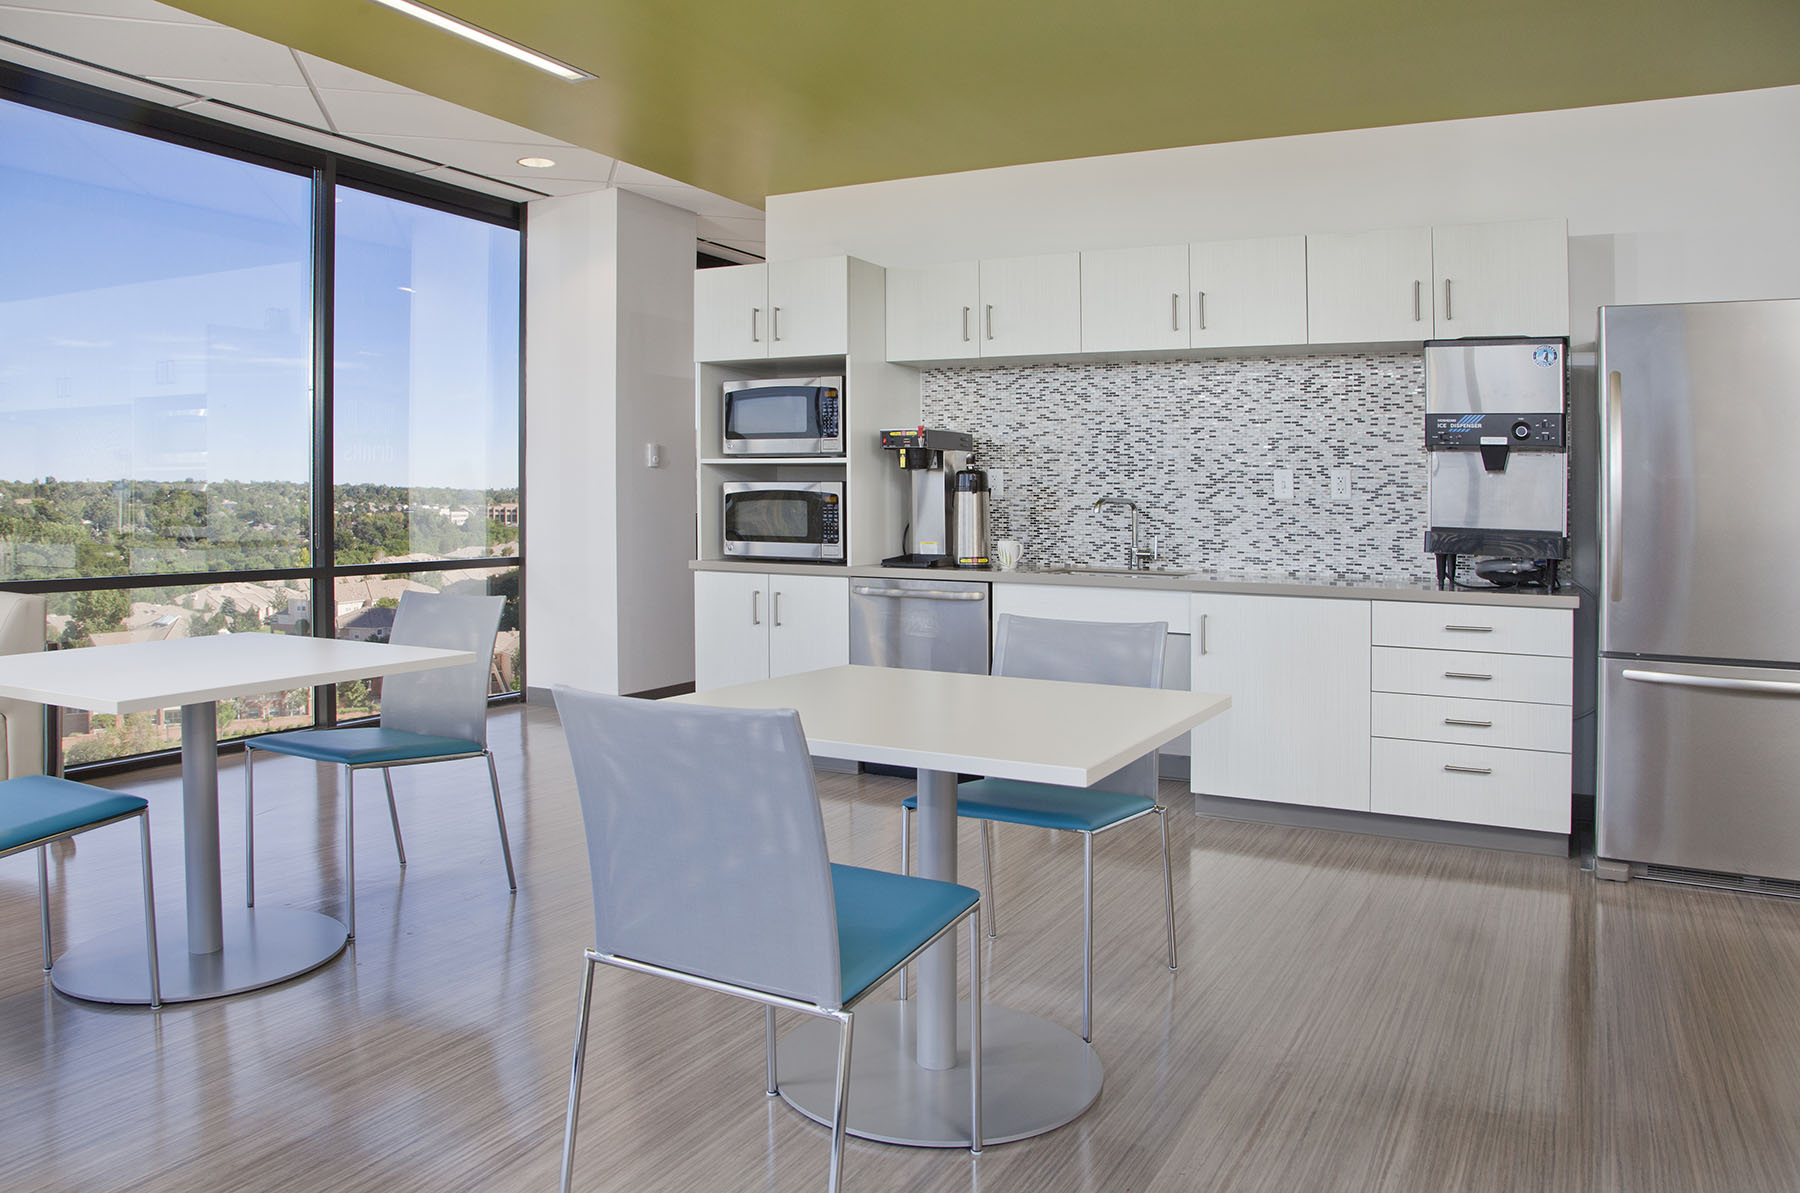 kitchen1 (2) copy.jpg